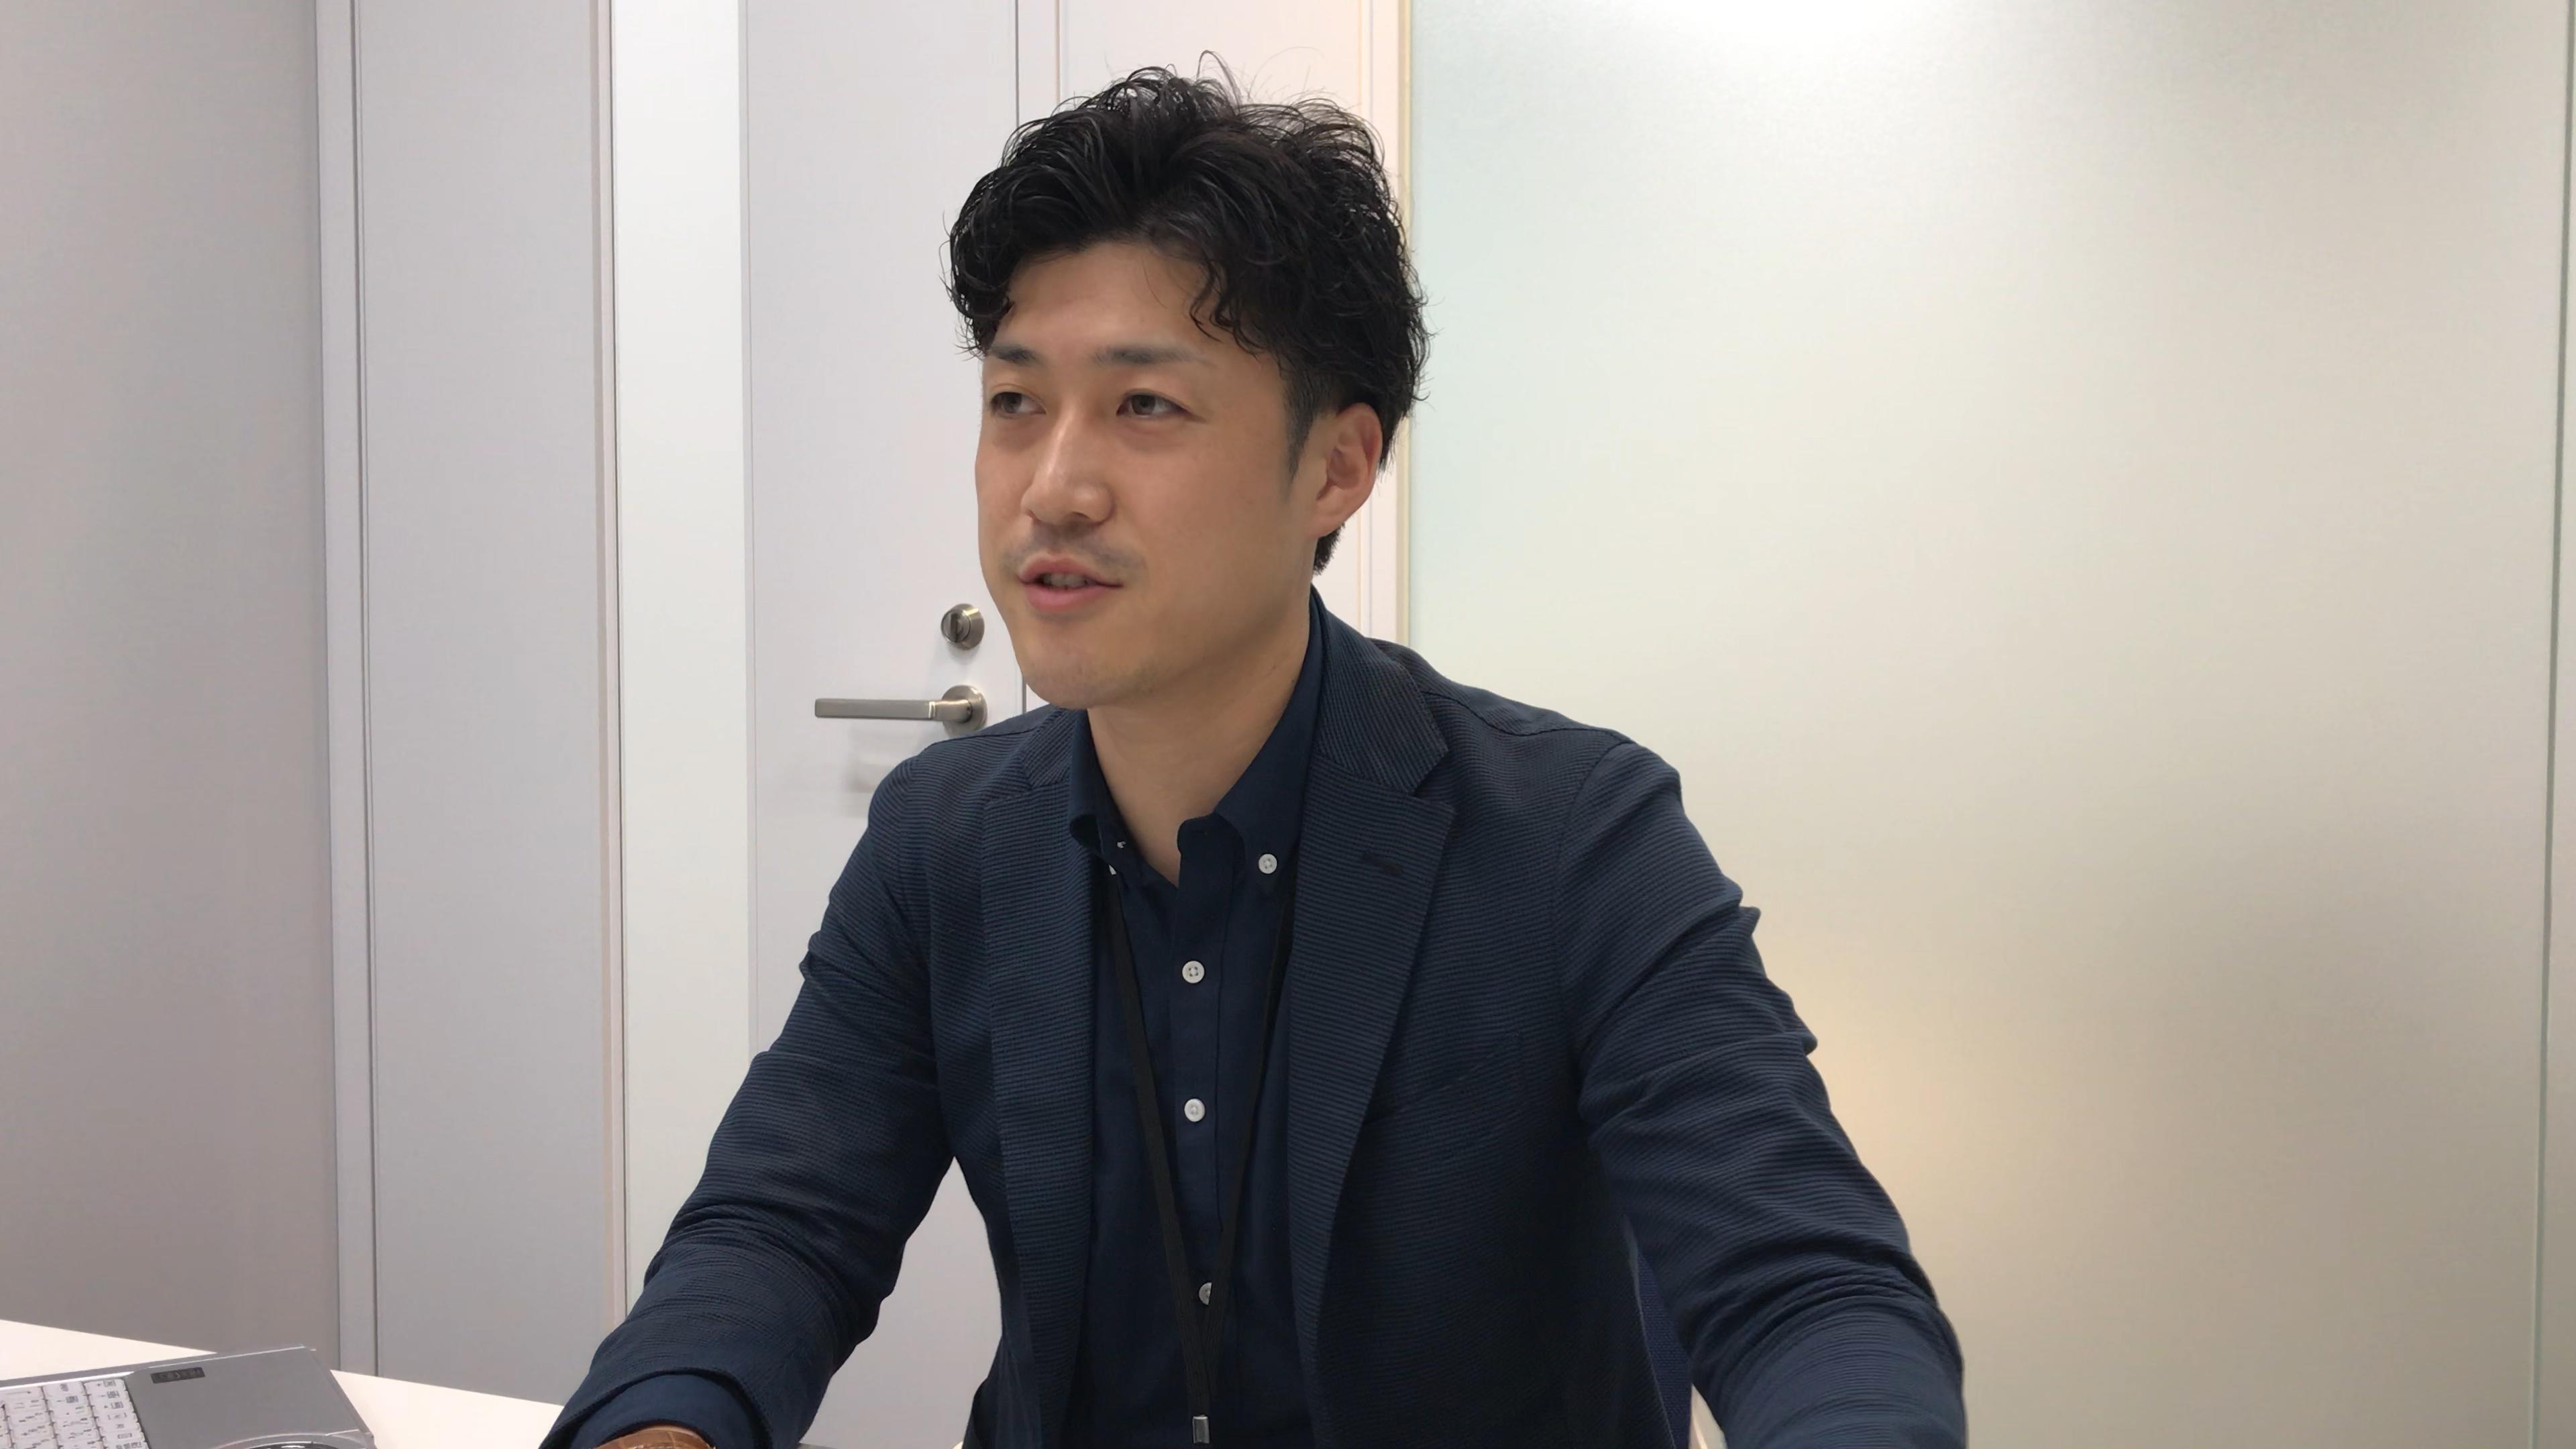 グルメサービス大手ぐるなび福岡支社長の語るこれからの働き方、「どうやったらマインド」自律し真のニーズをとらえる